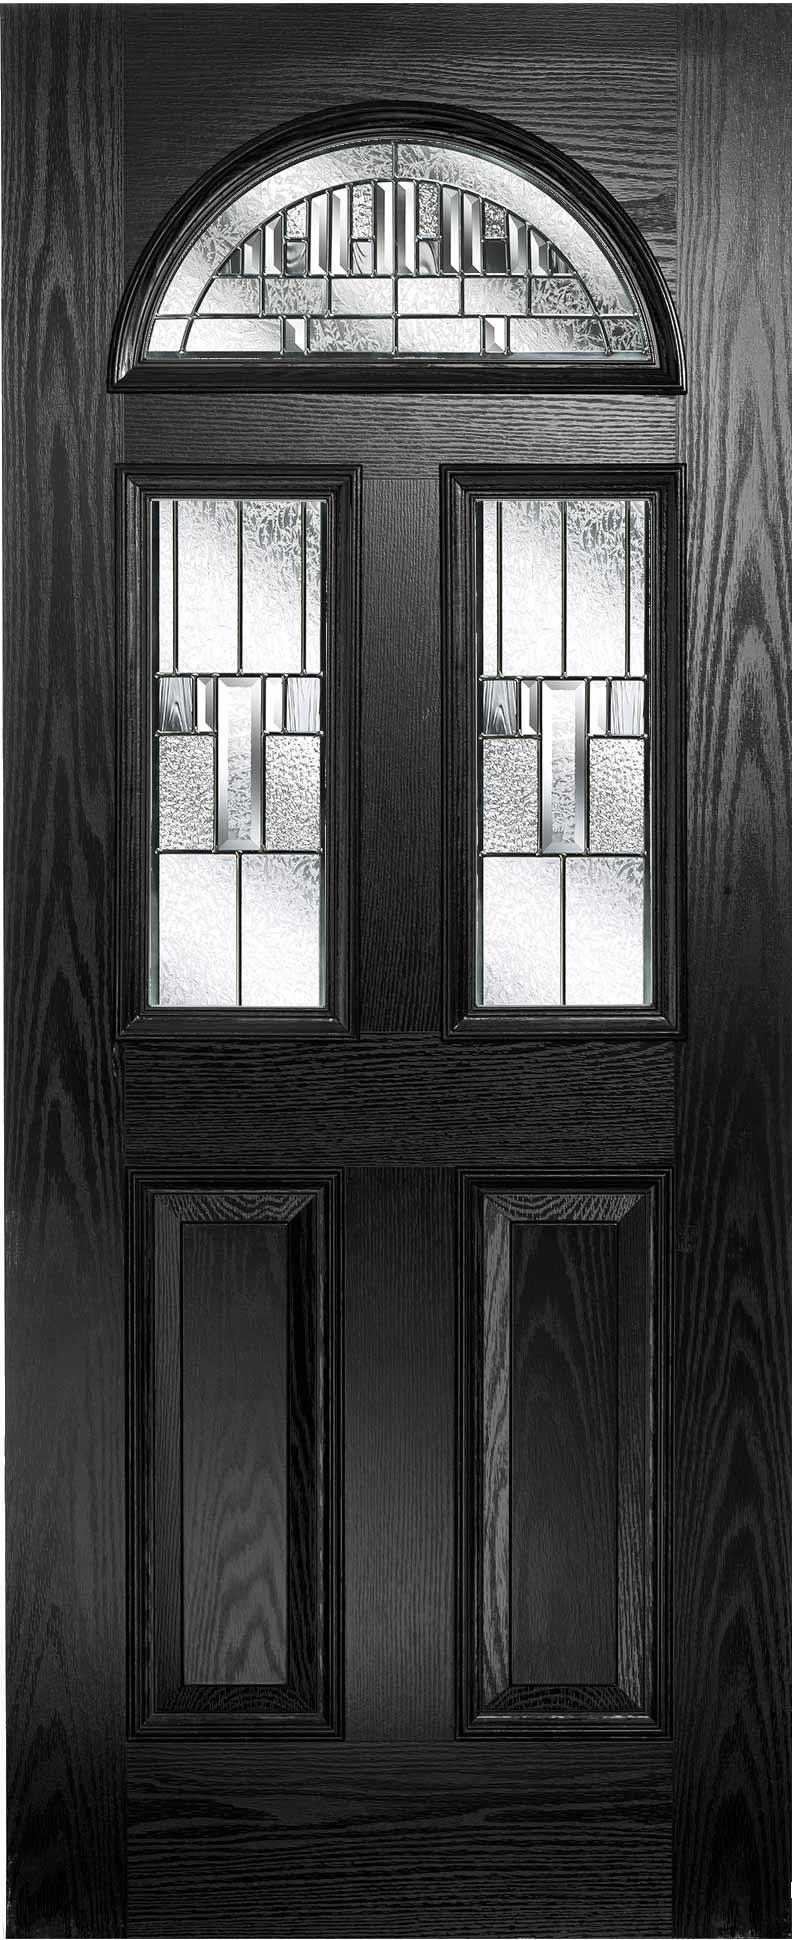 Banockburn 3 with Prairie Zinc Glass & Composite Doors \u2022 Composite Door Fitters Pezcame.Com